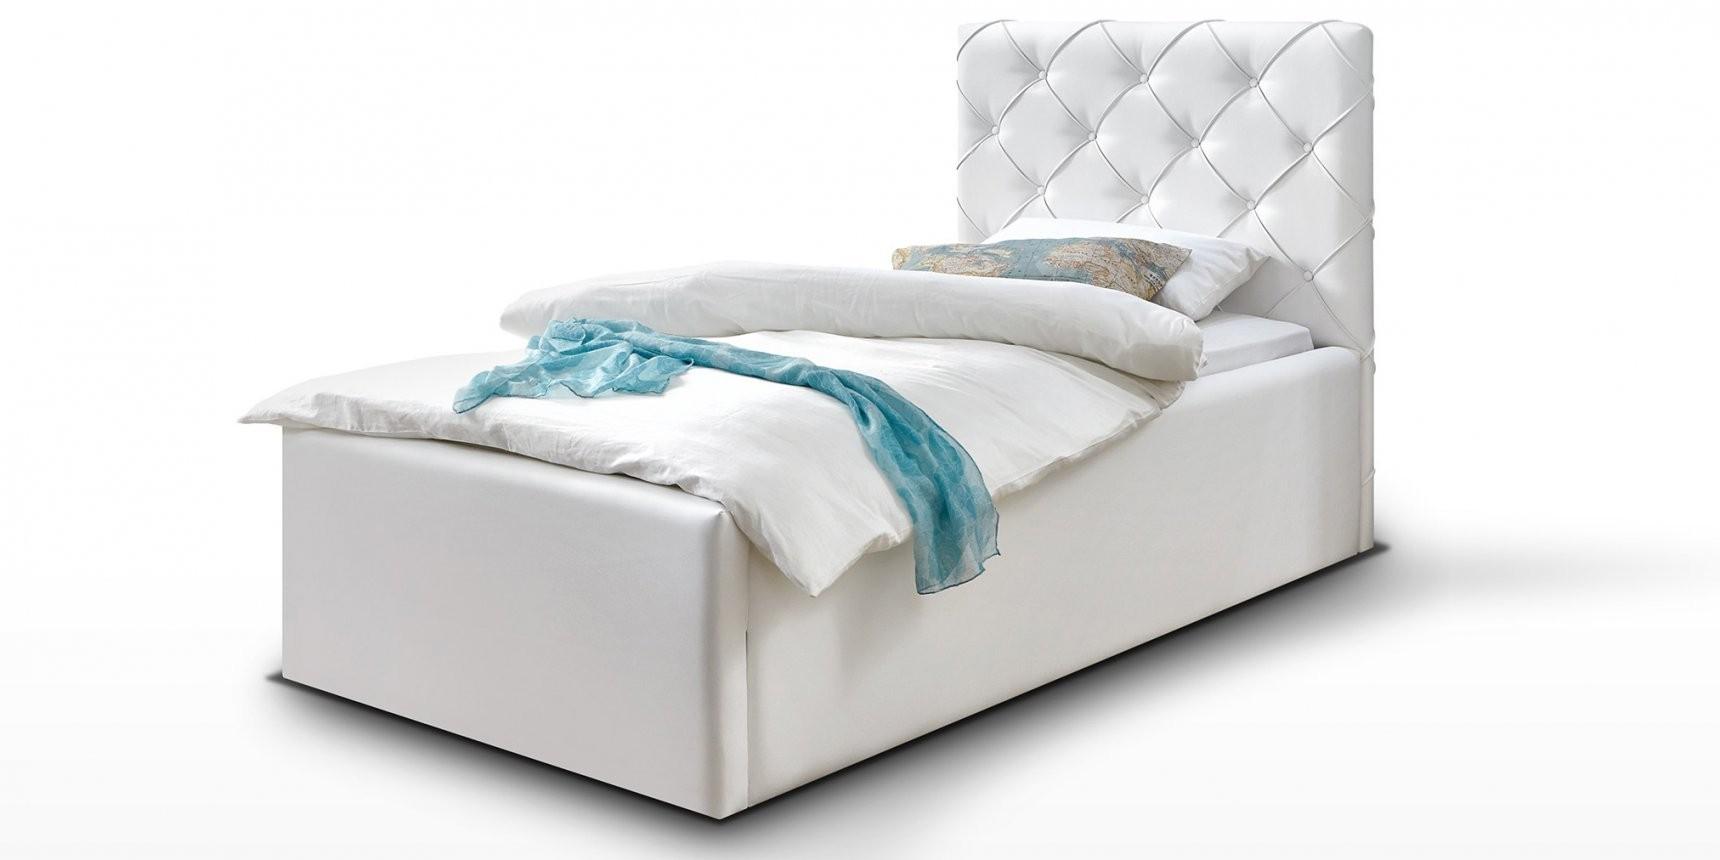 90X200 Bett Herrlich Polsterbett Bett Mit Bettkasten Weiß Nelly von Polsterbett Mit Bettkasten 90X200 Bild